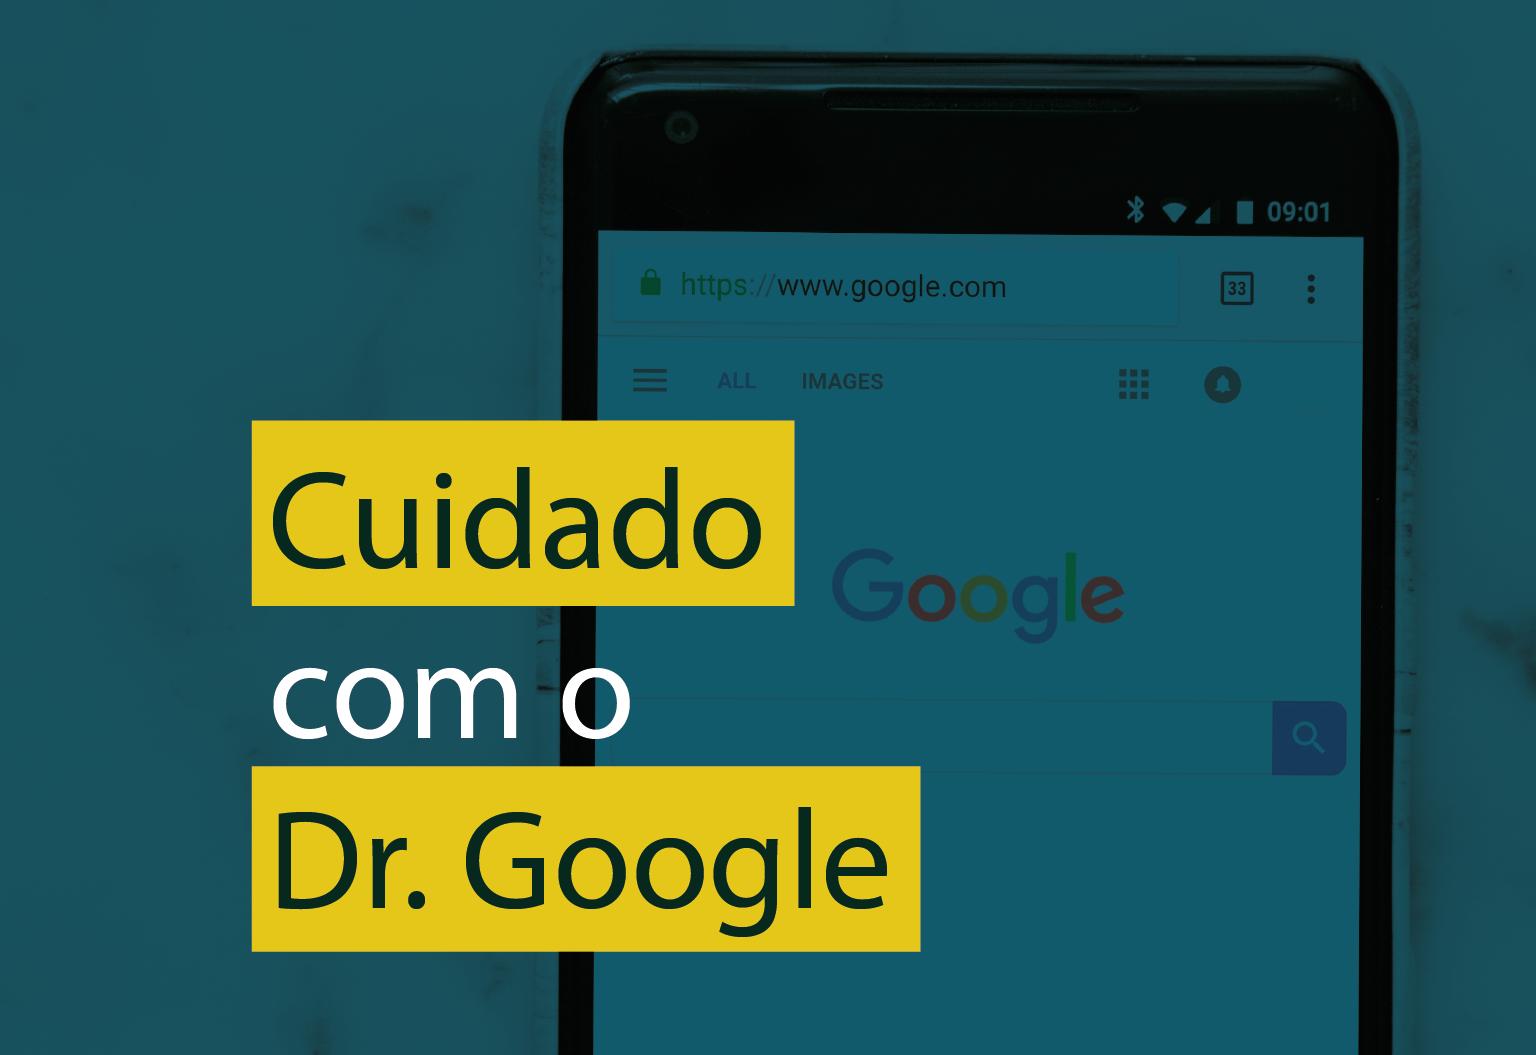 Cuidado com Dr. Google